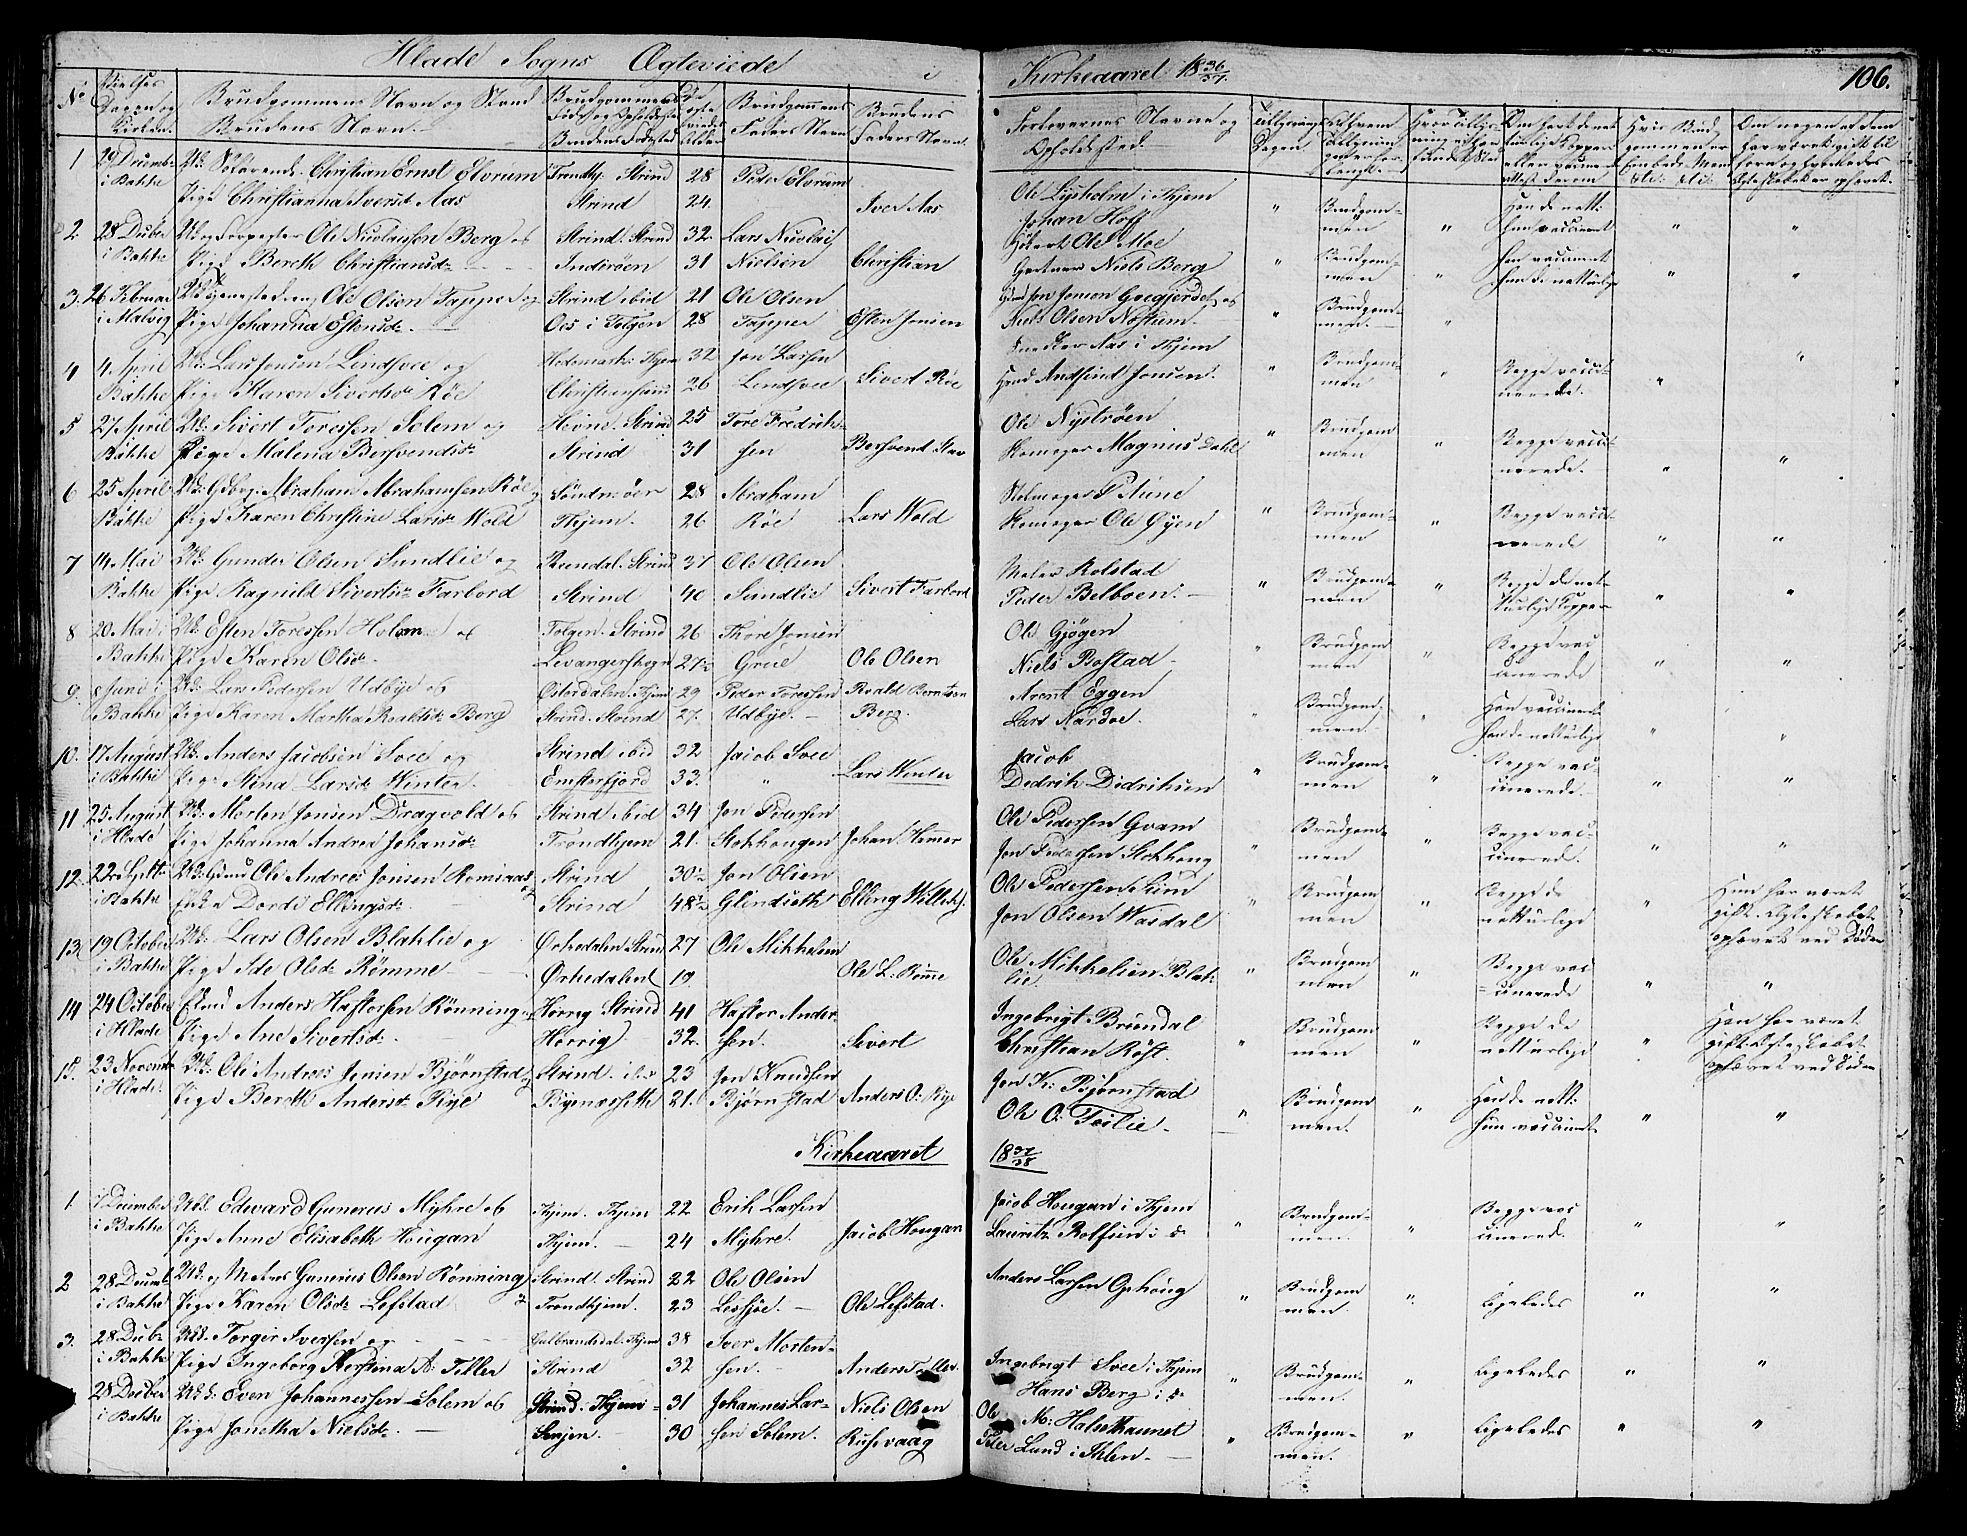 SAT, Ministerialprotokoller, klokkerbøker og fødselsregistre - Sør-Trøndelag, 606/L0308: Klokkerbok nr. 606C04, 1829-1840, s. 106